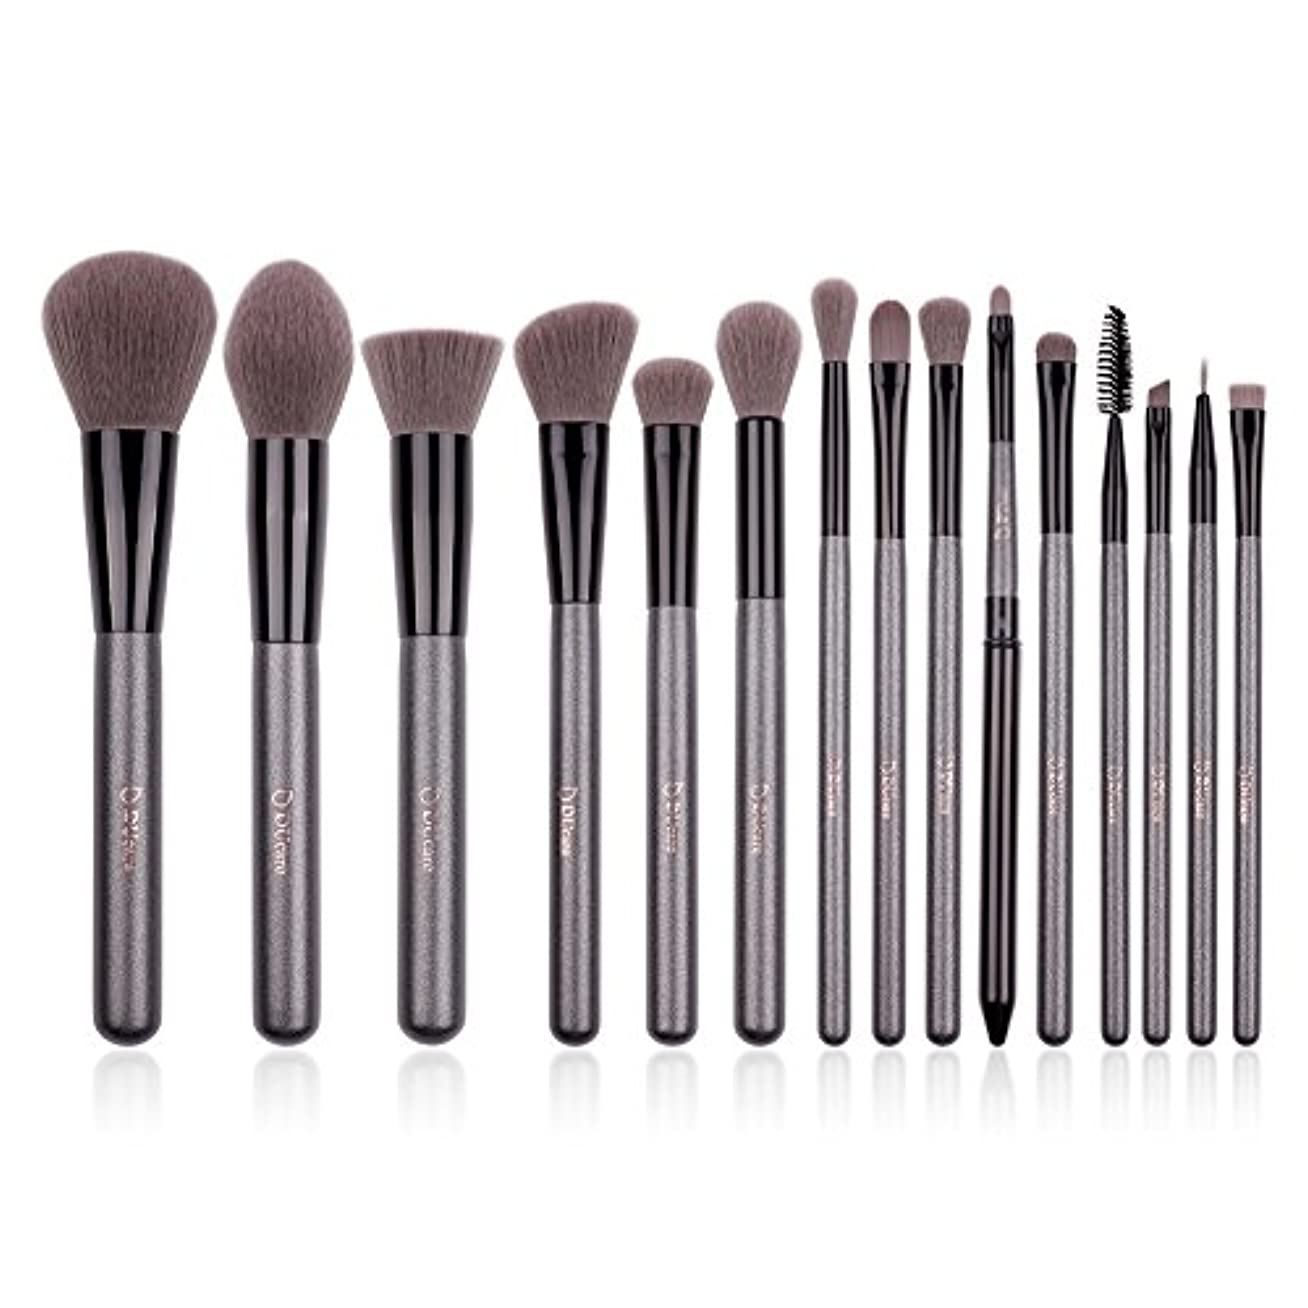 再現するコーラス時折DUcare ドゥケア 化粧筆 メイクブラシ15本セット 上等な使用感 粉含み力抜群